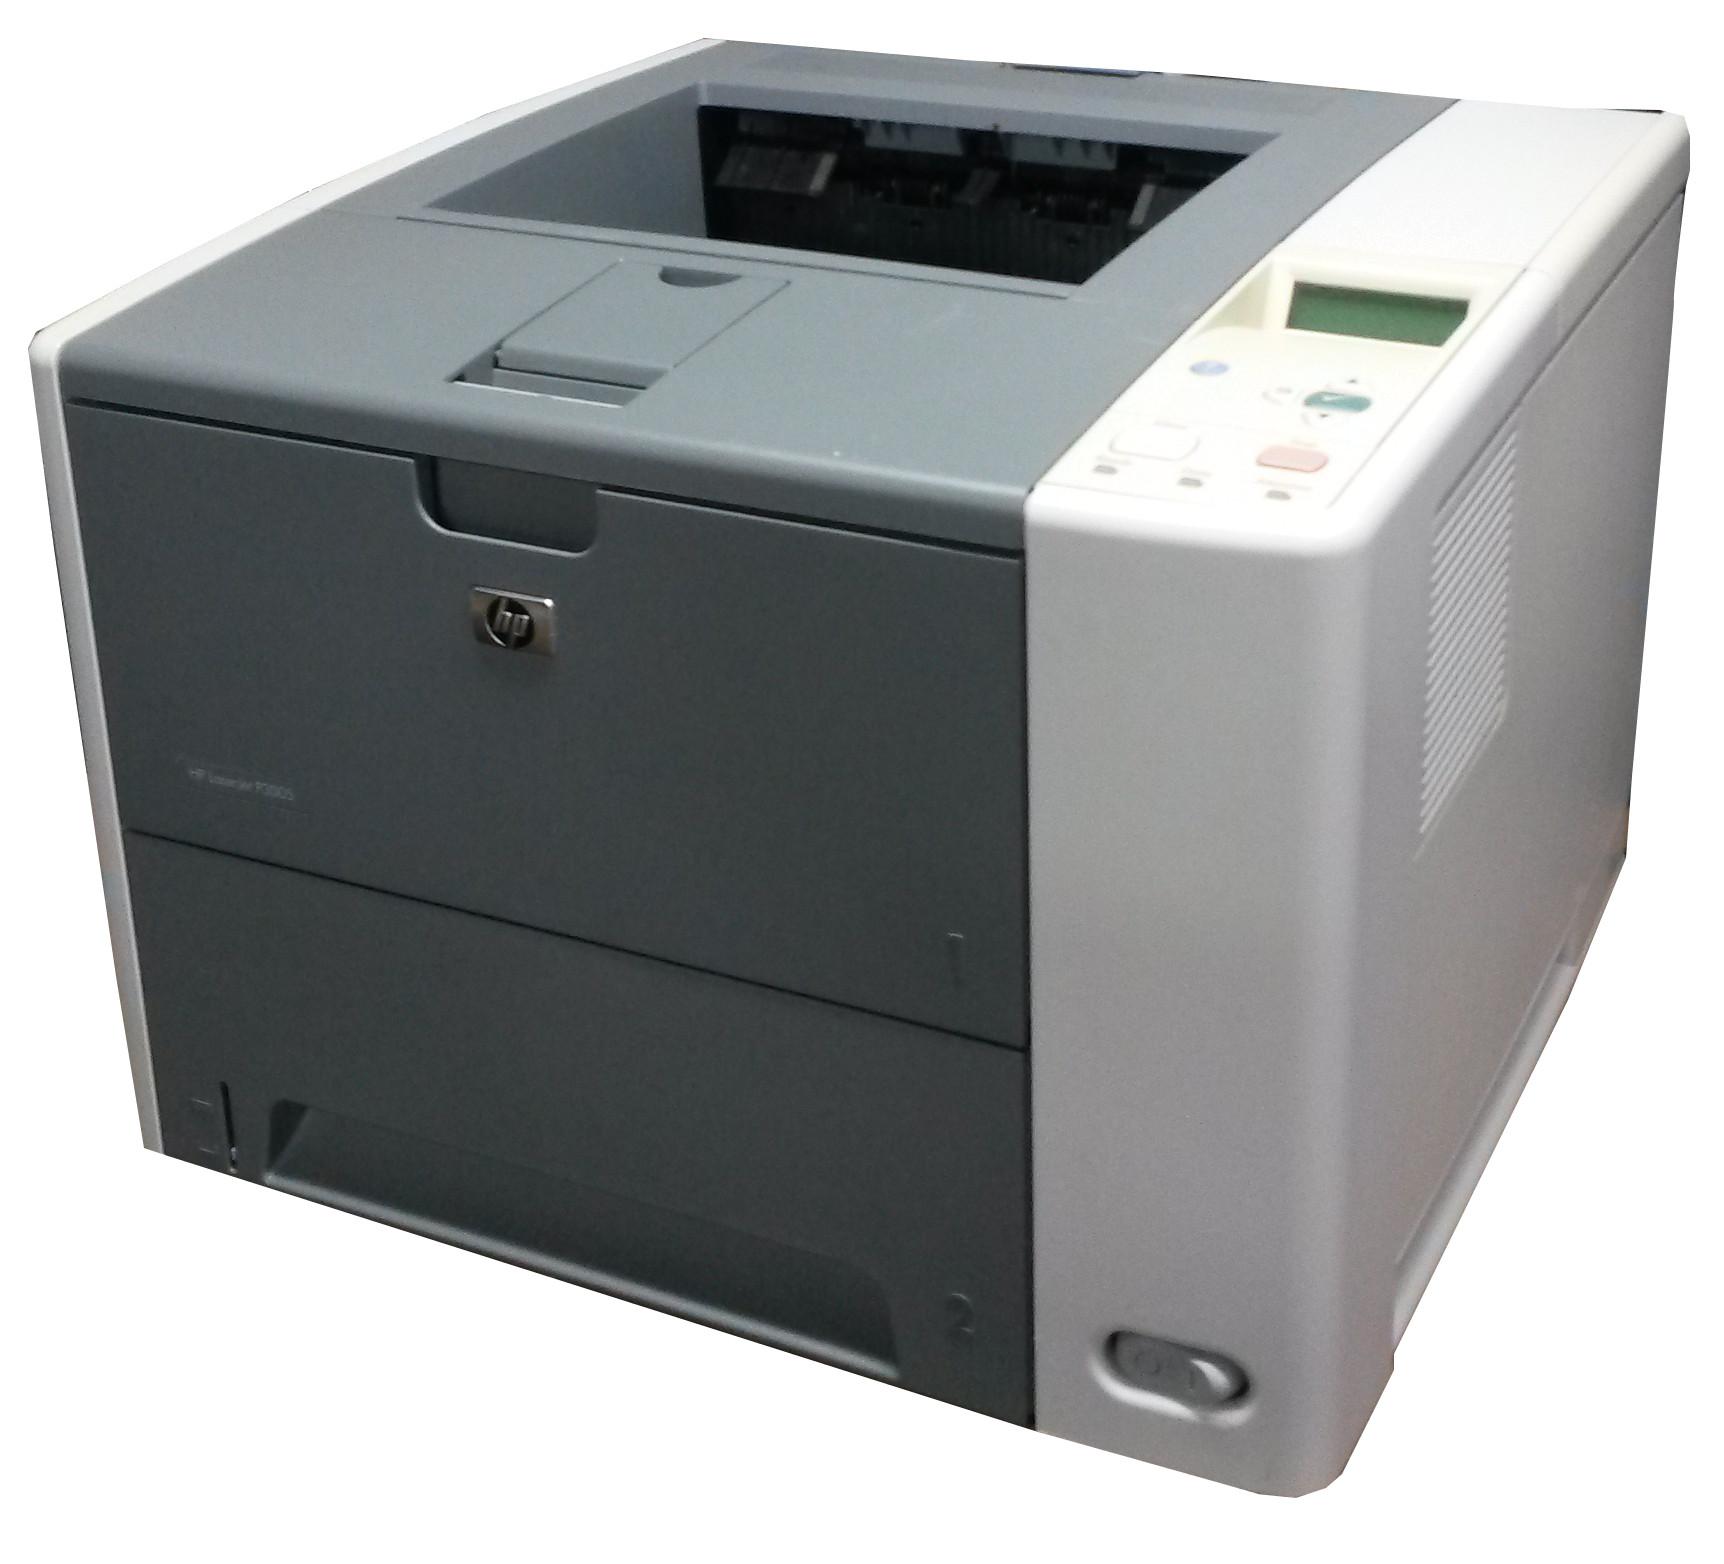 Драйверы для принтера hp laserjet p3005d